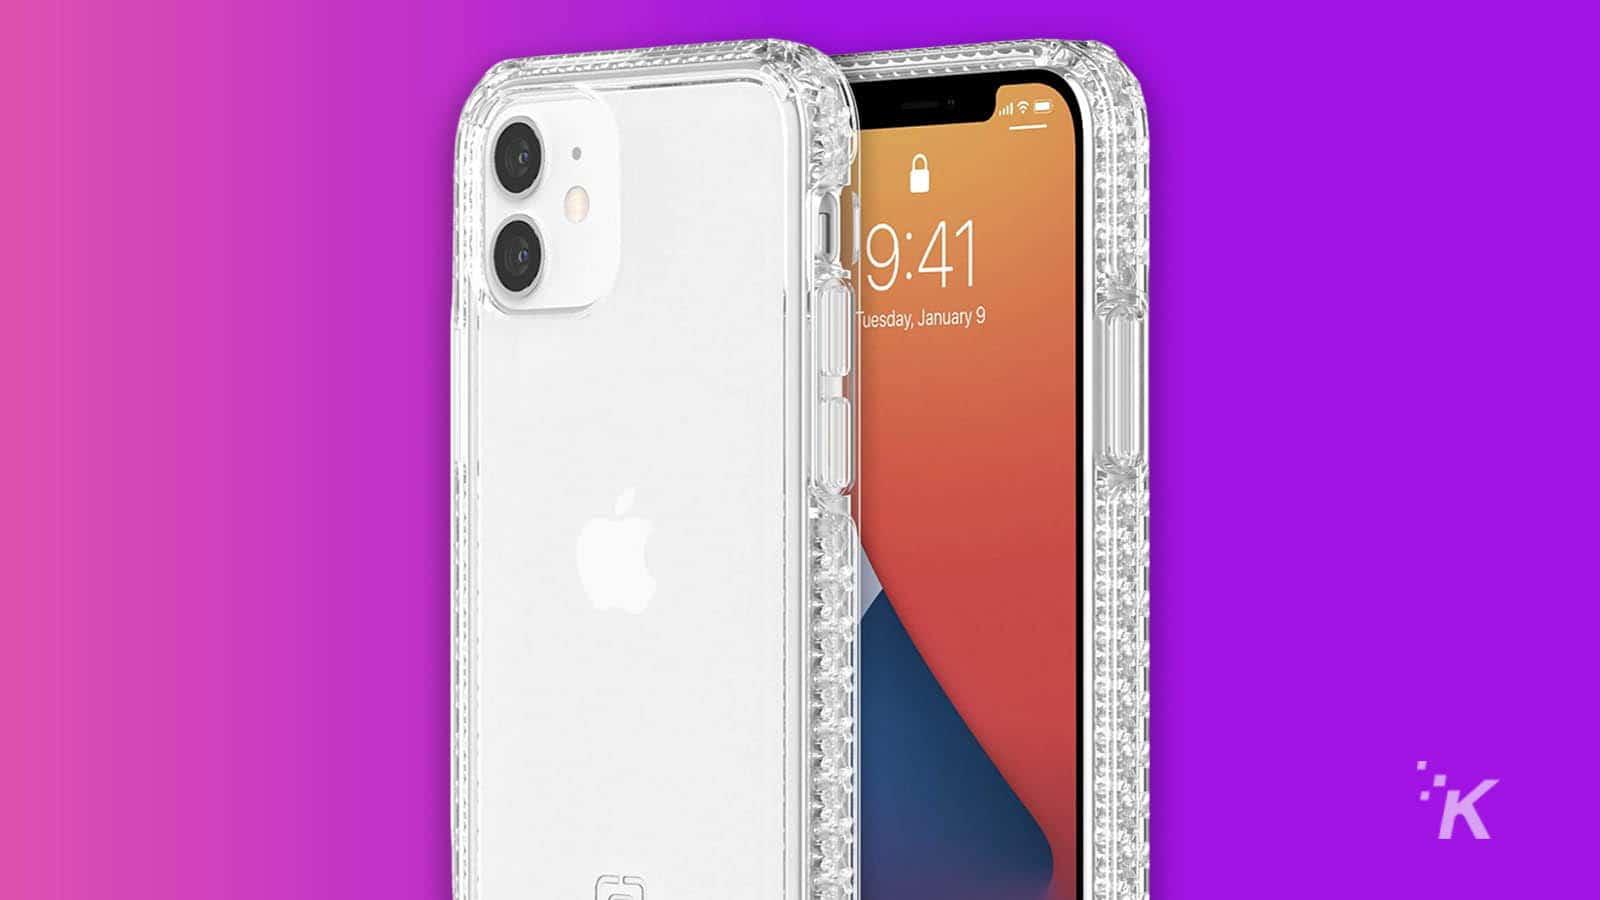 iphone 12 incipio case